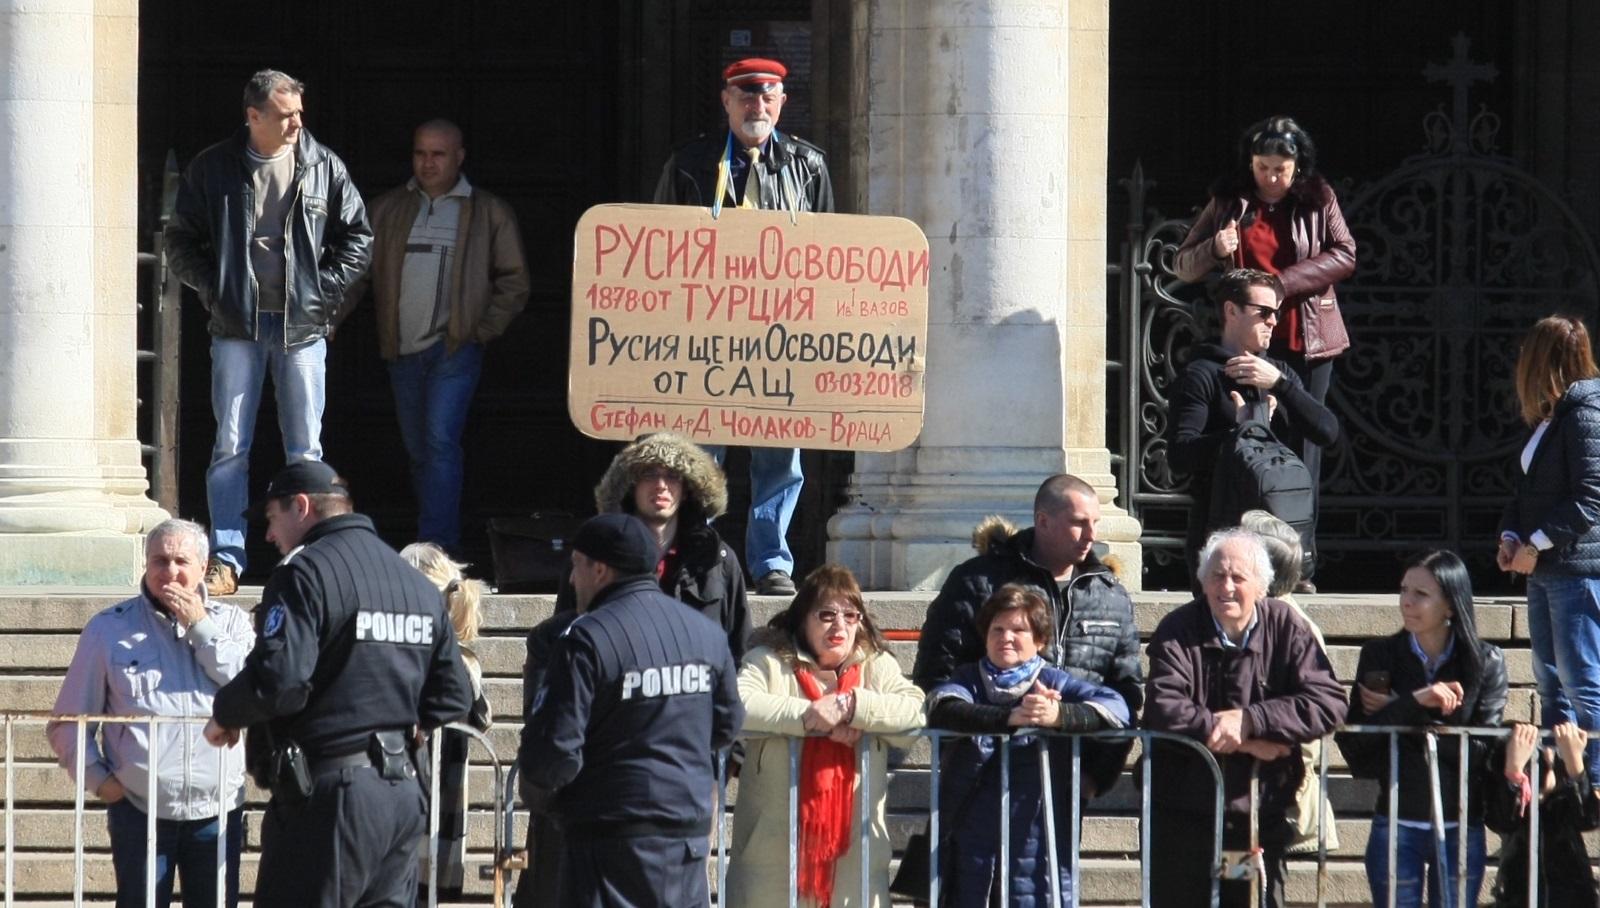 """Пред храм """"Св. Александър Невски"""" граждани очакват церемонията по посрещане на председателя на Руската федерация Дмитрий Медведев. Той е у нас по покана на премиера Бойко Борисов."""